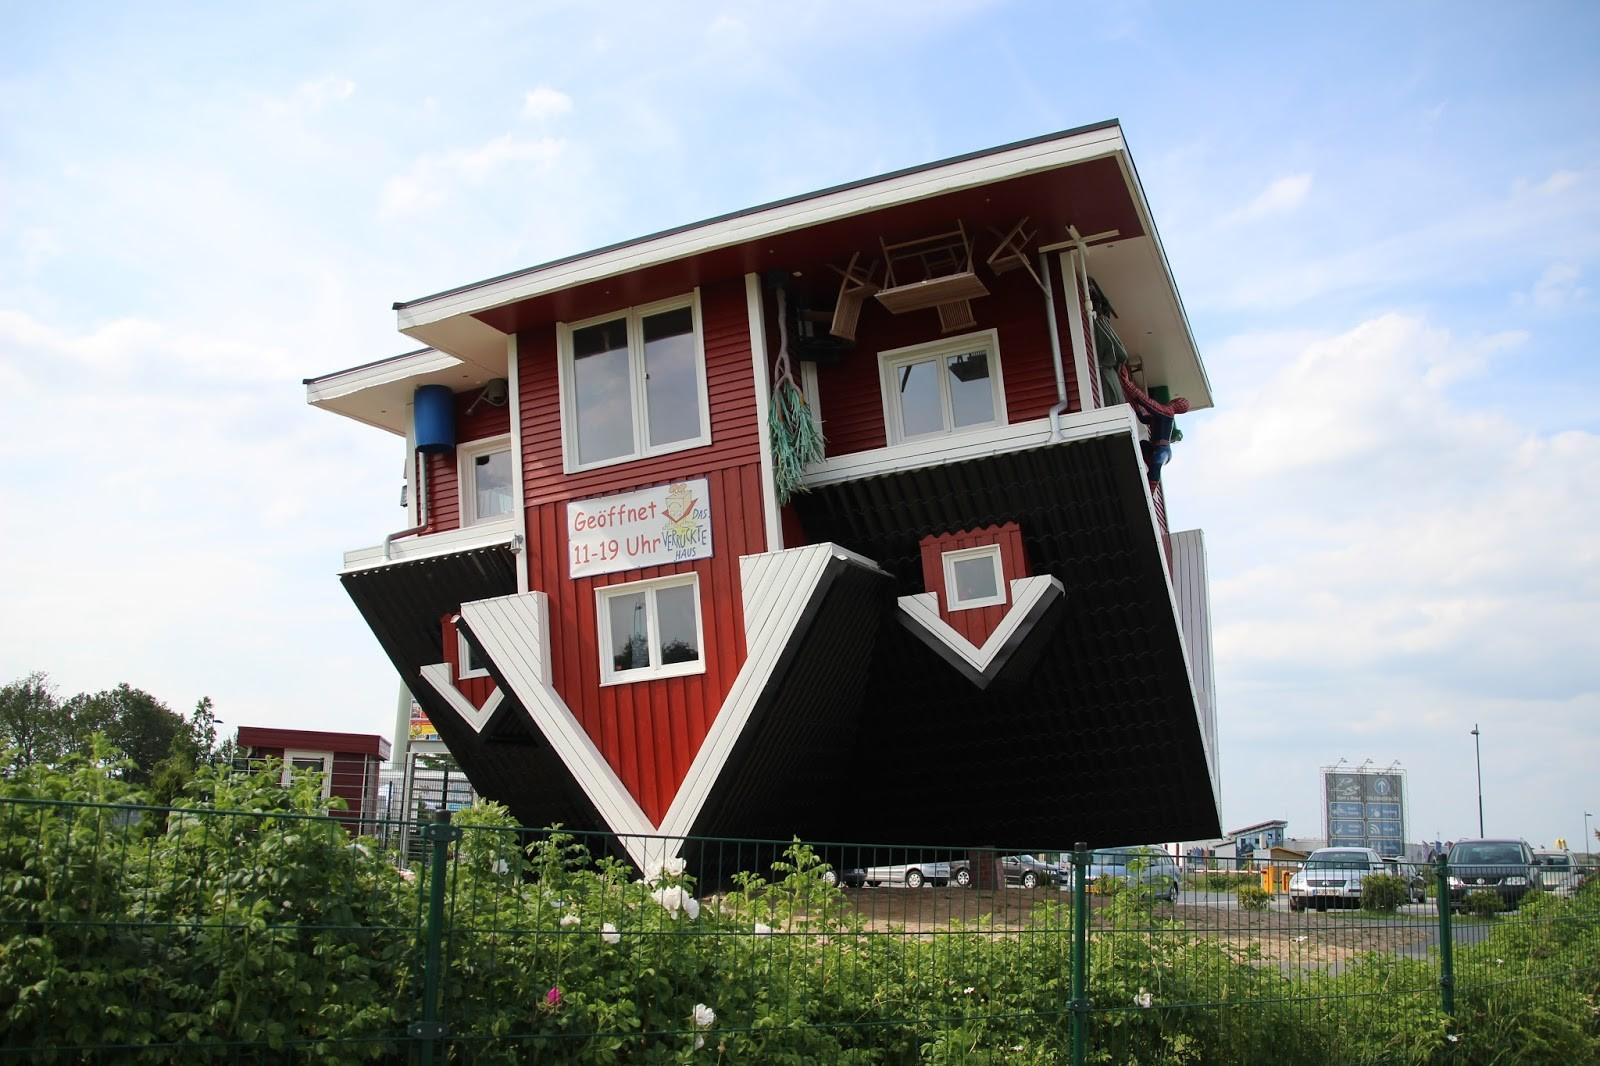 Casa de ponta cabeça vira atração turística na Alemanha